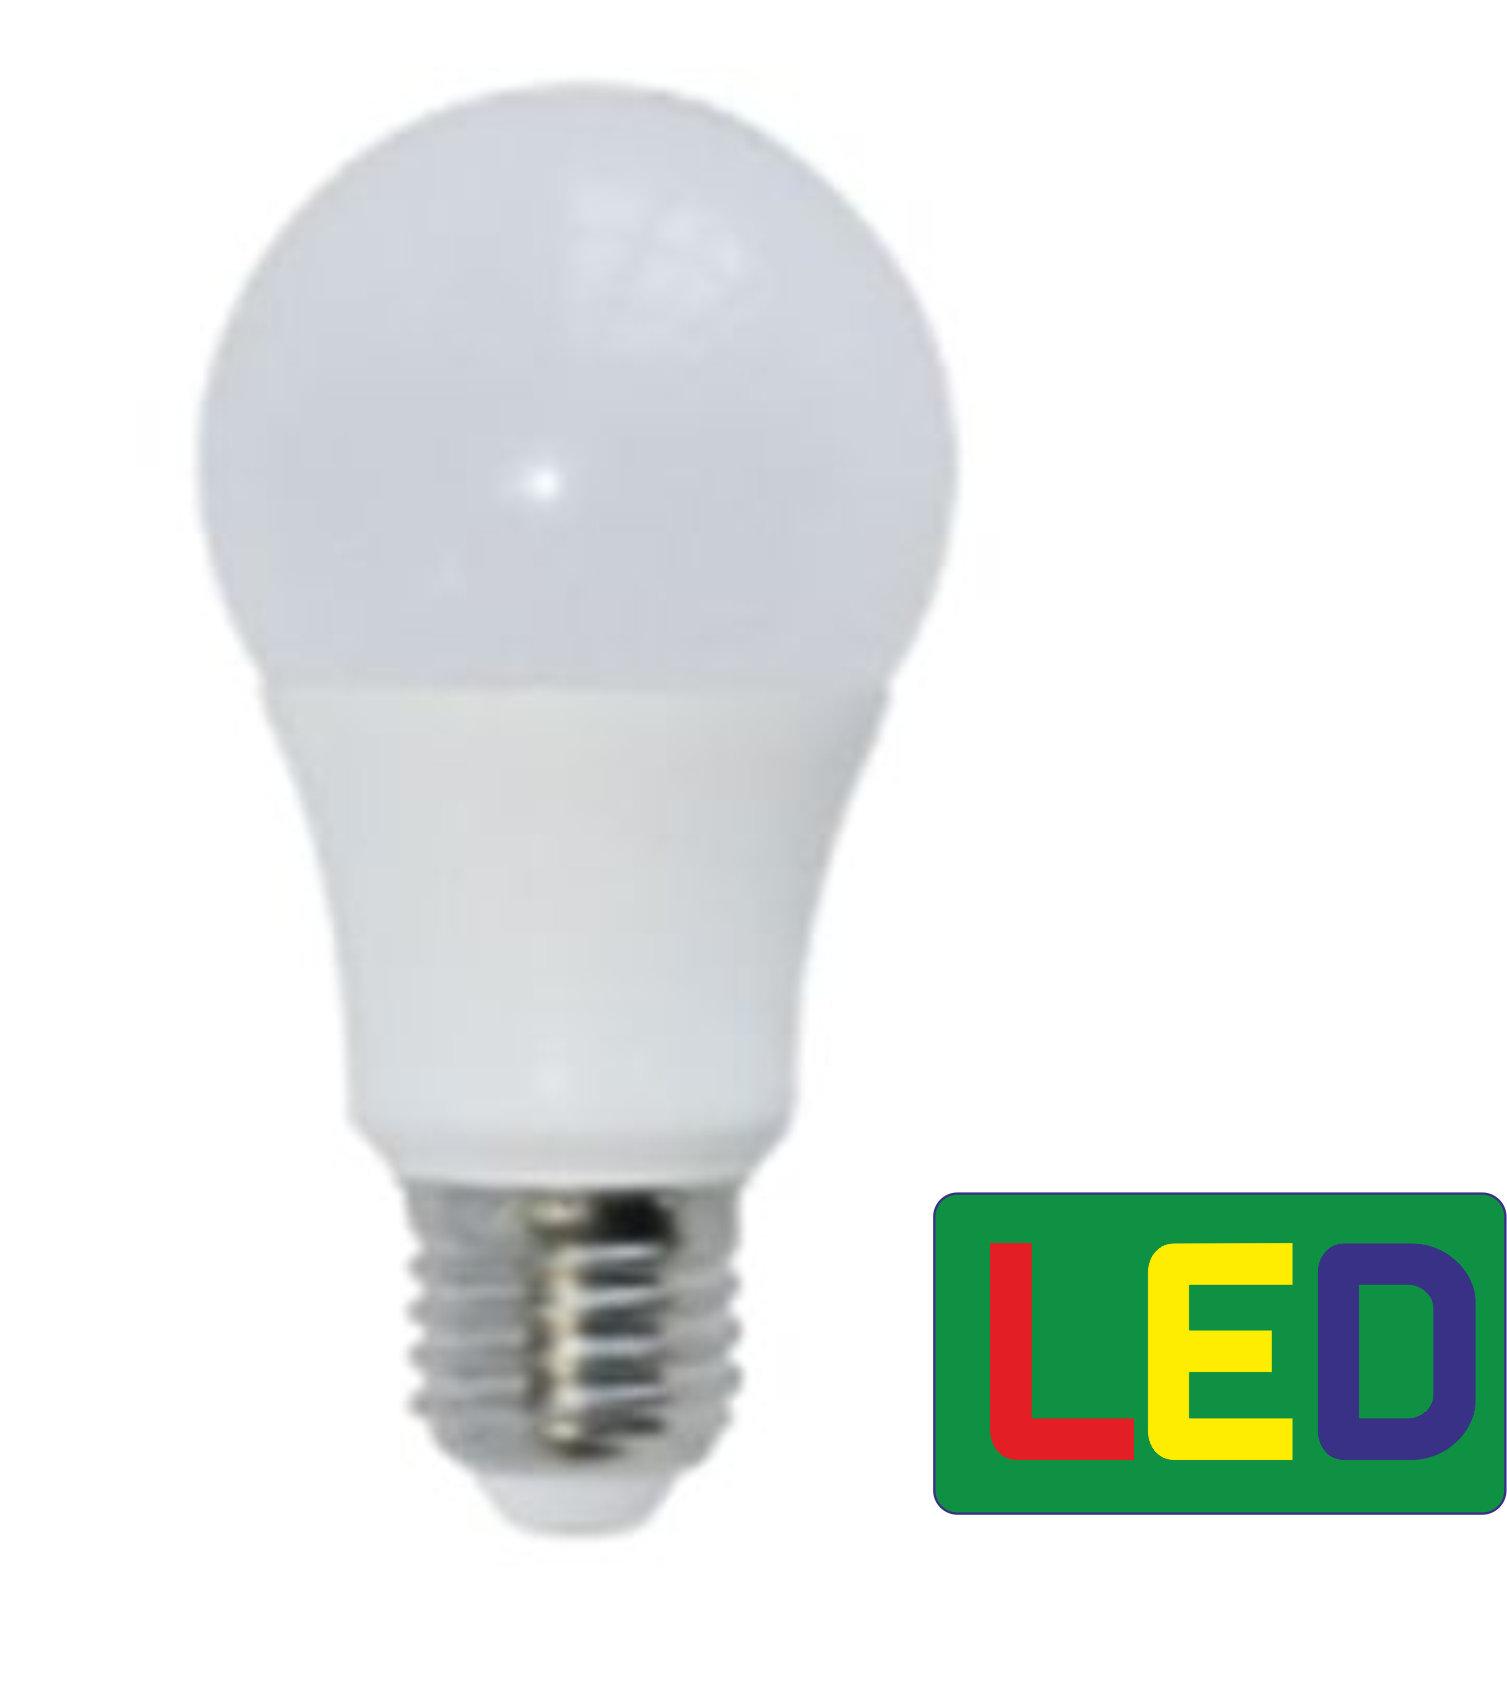 F&U L-A10C4 LED ΓΛΟΜΠΟΣ 9,5W E27